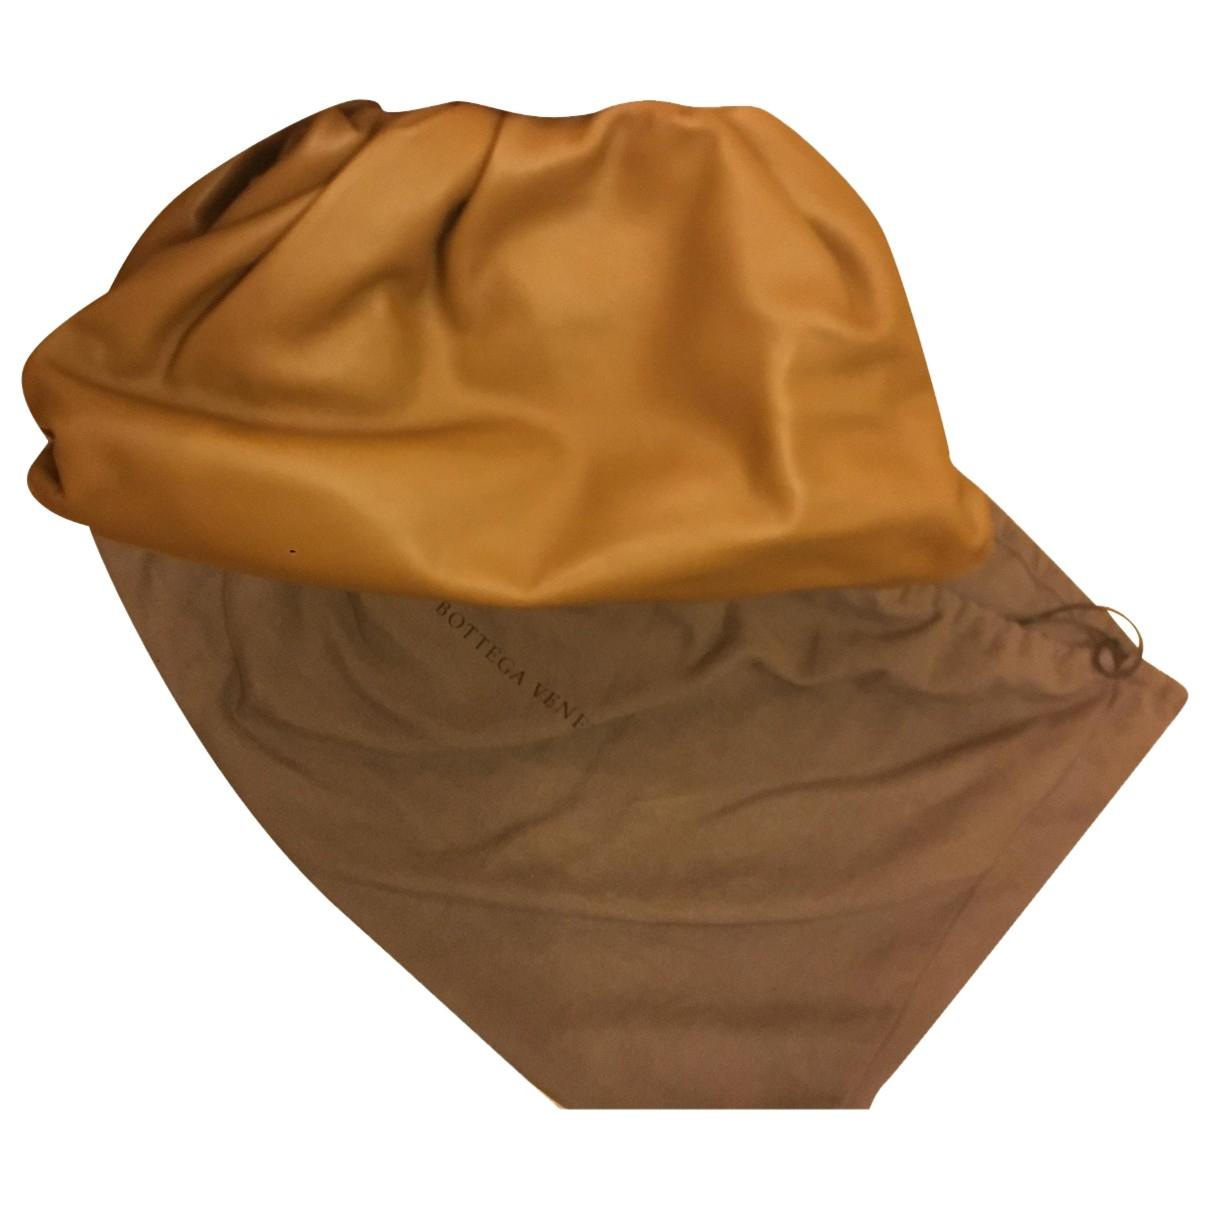 Bottega Veneta - Pochette Pouch pour femme en cuir - camel